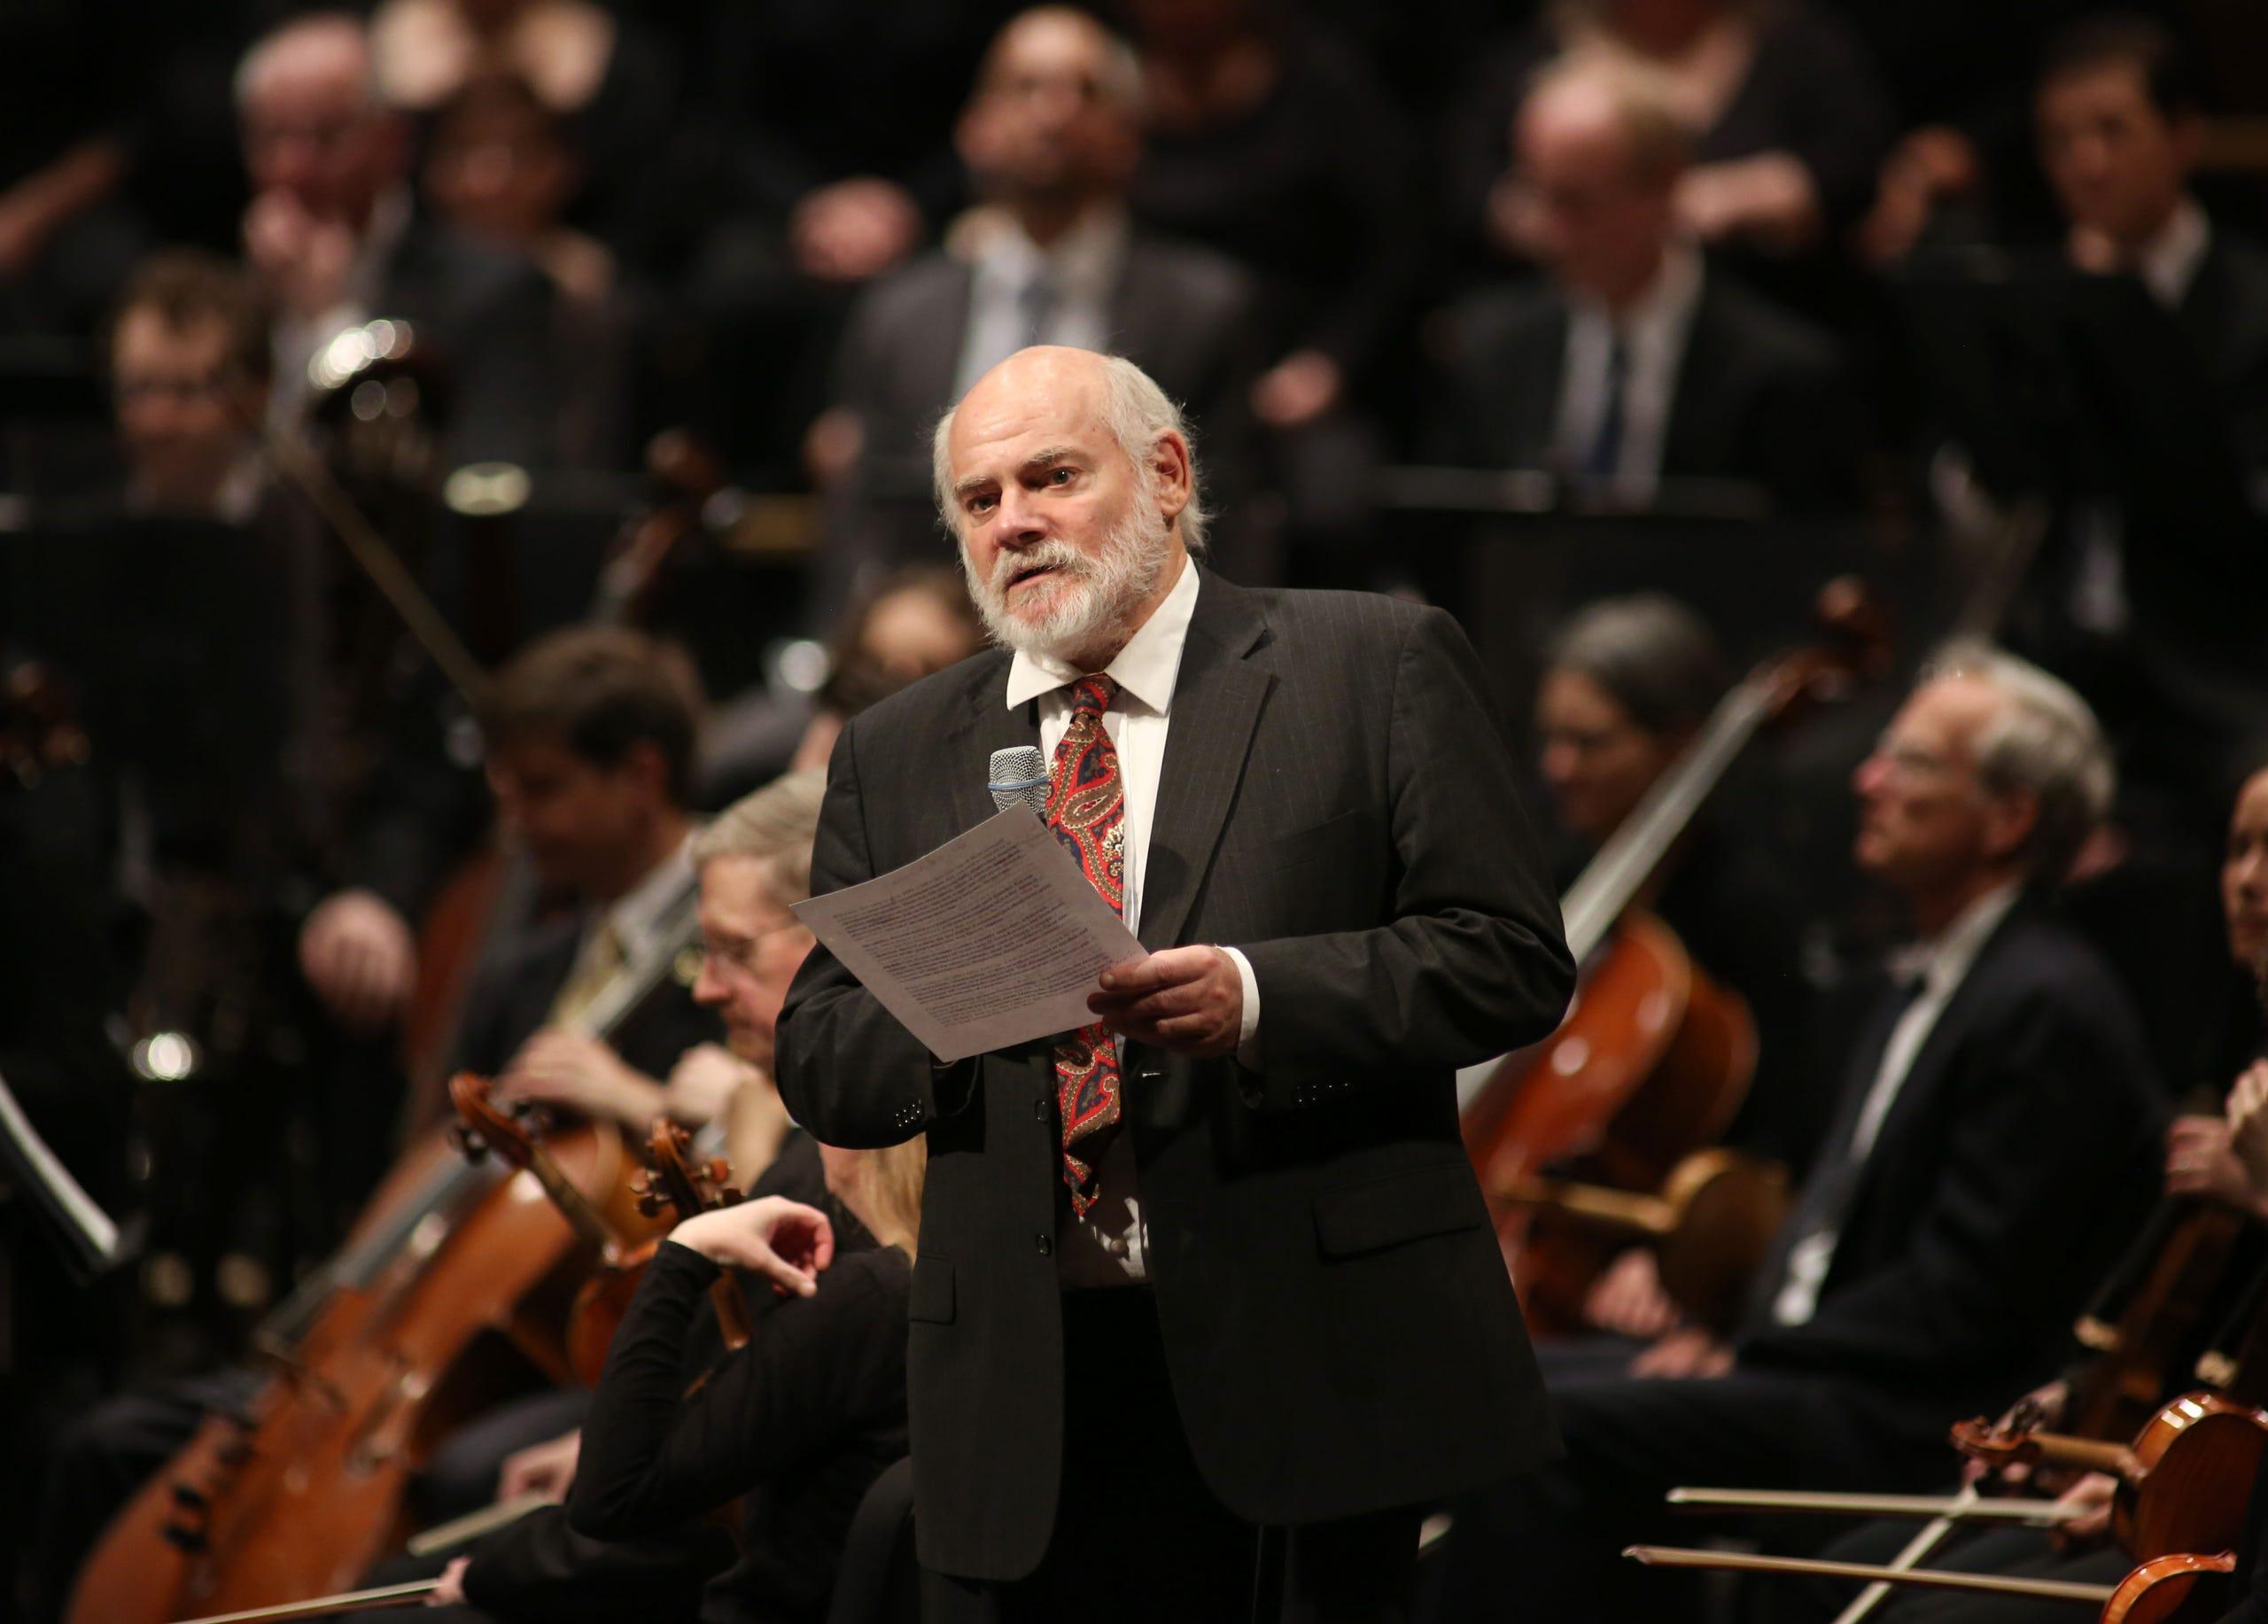 Edo de Waart takes a bow as Milwaukee Symphony music